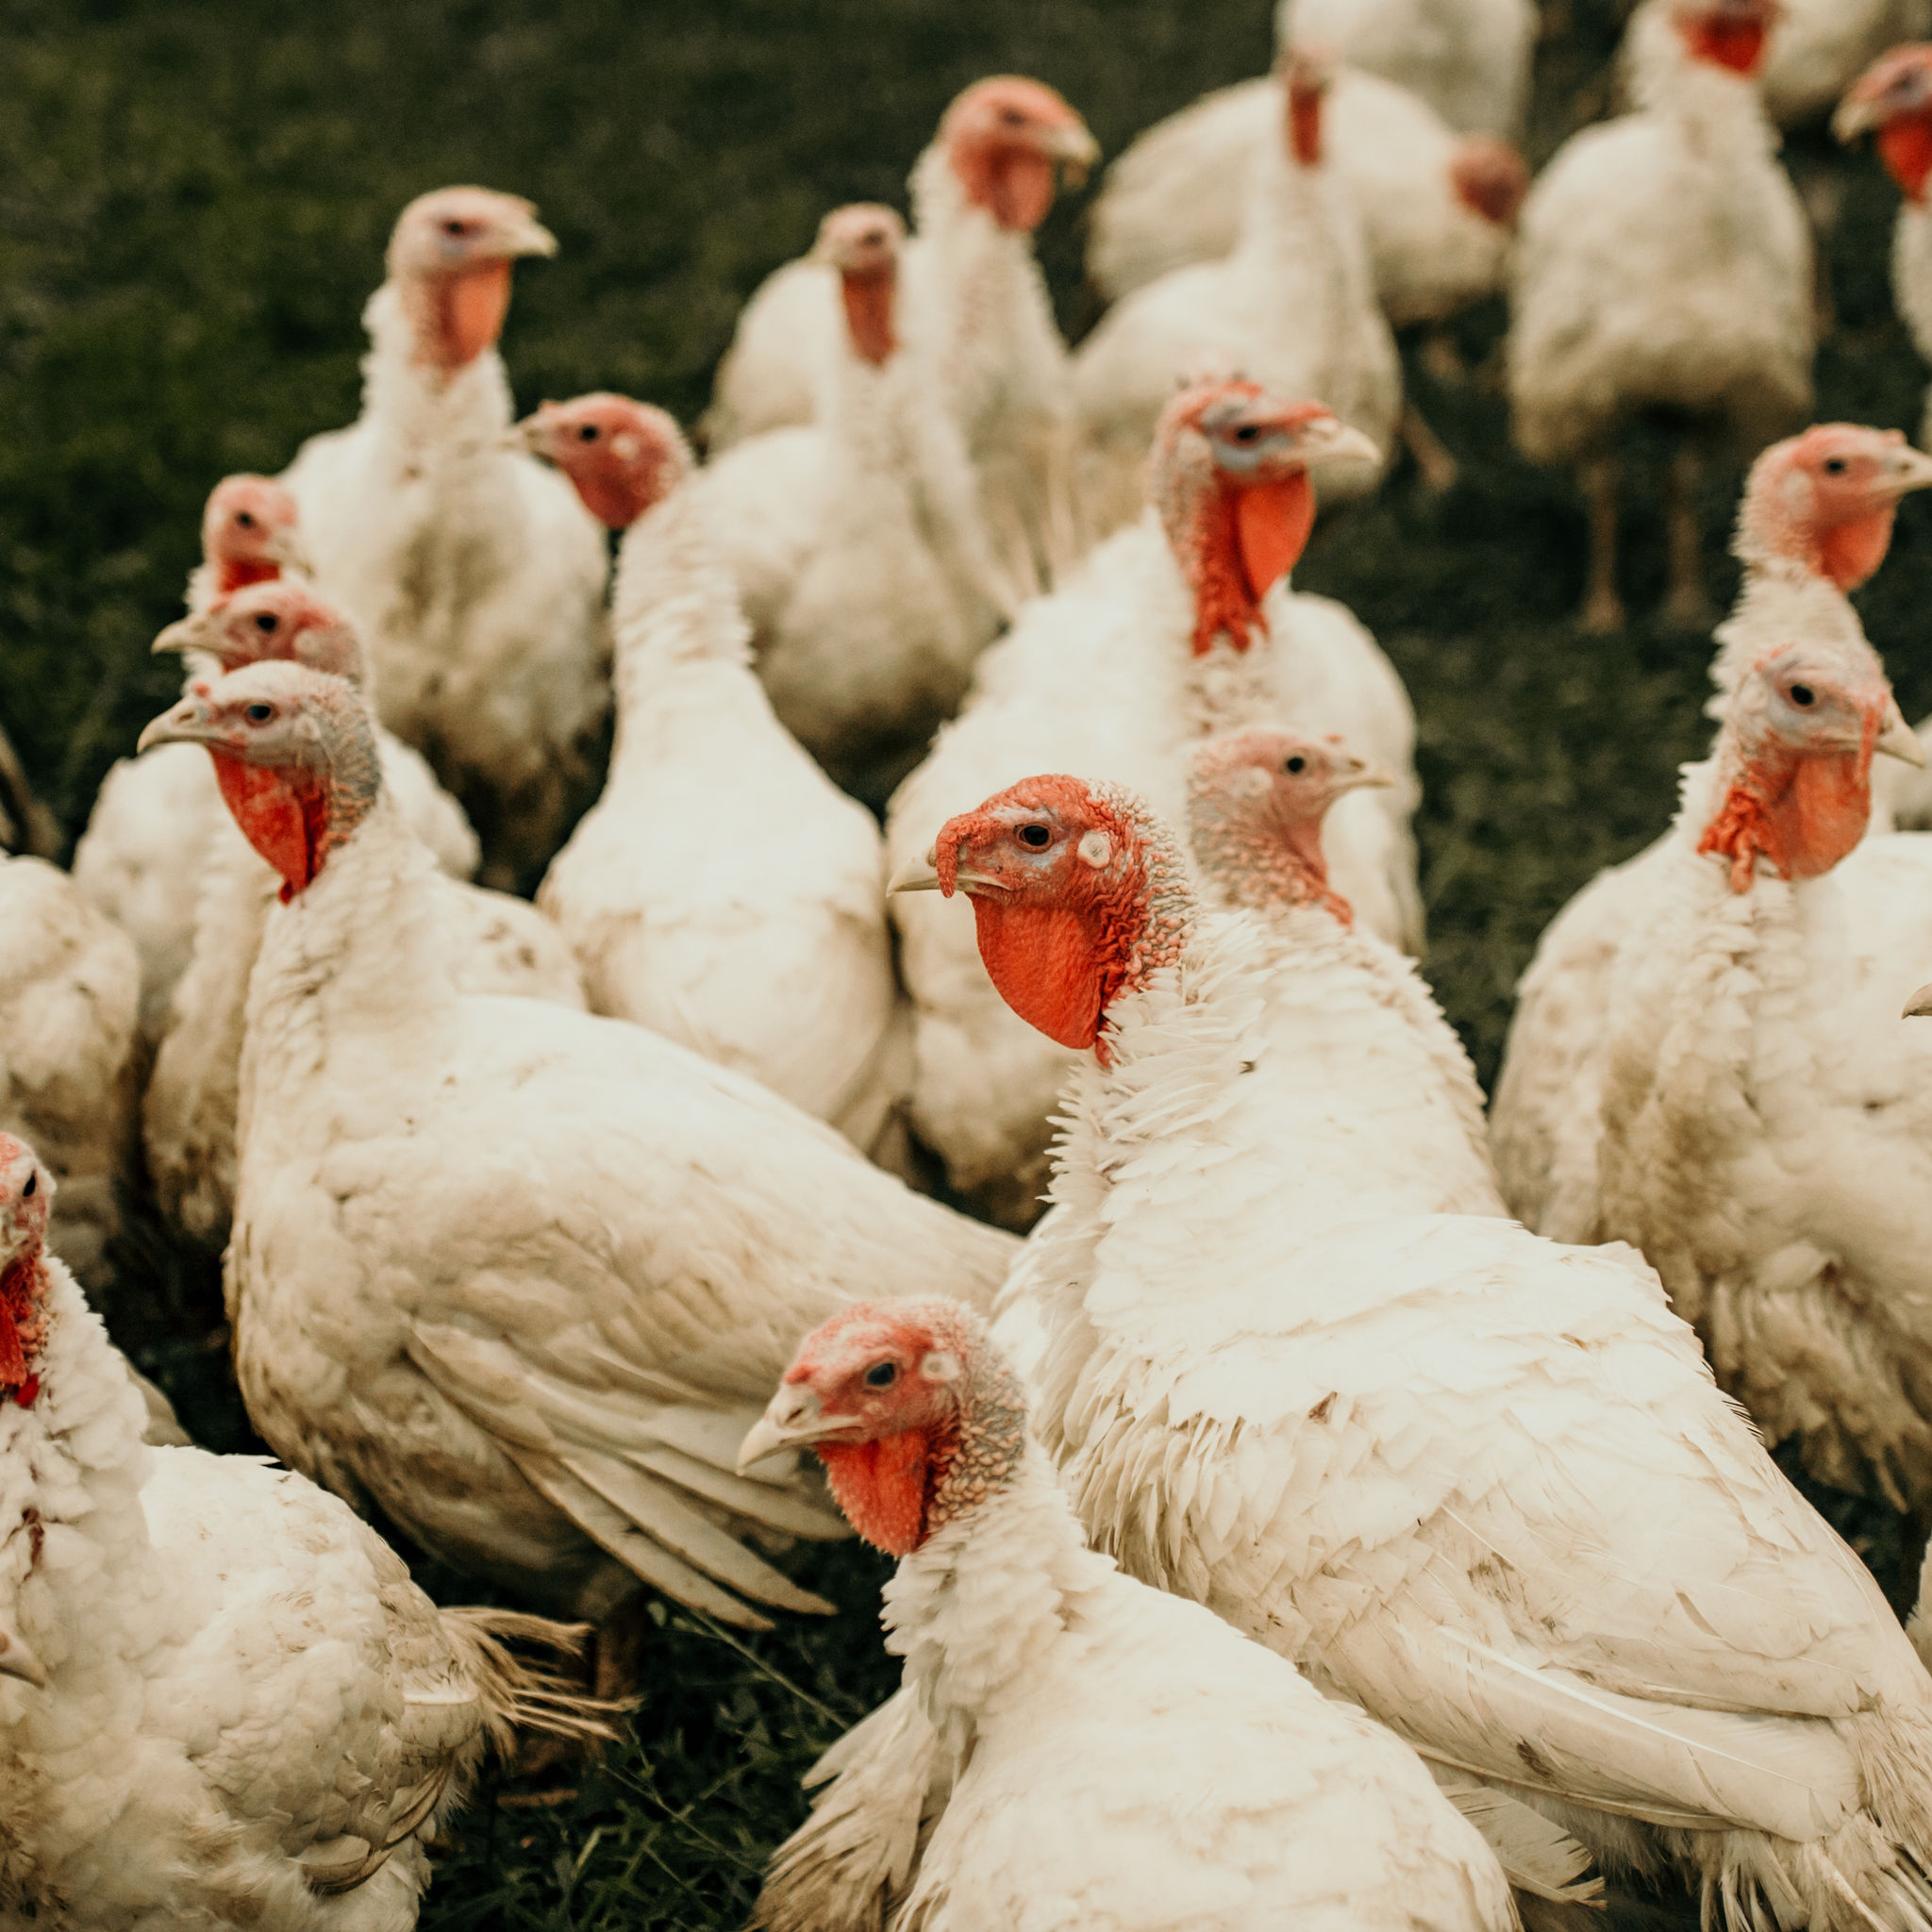 5-chicks-2nd-visit-20181003-18-59-35.jpg